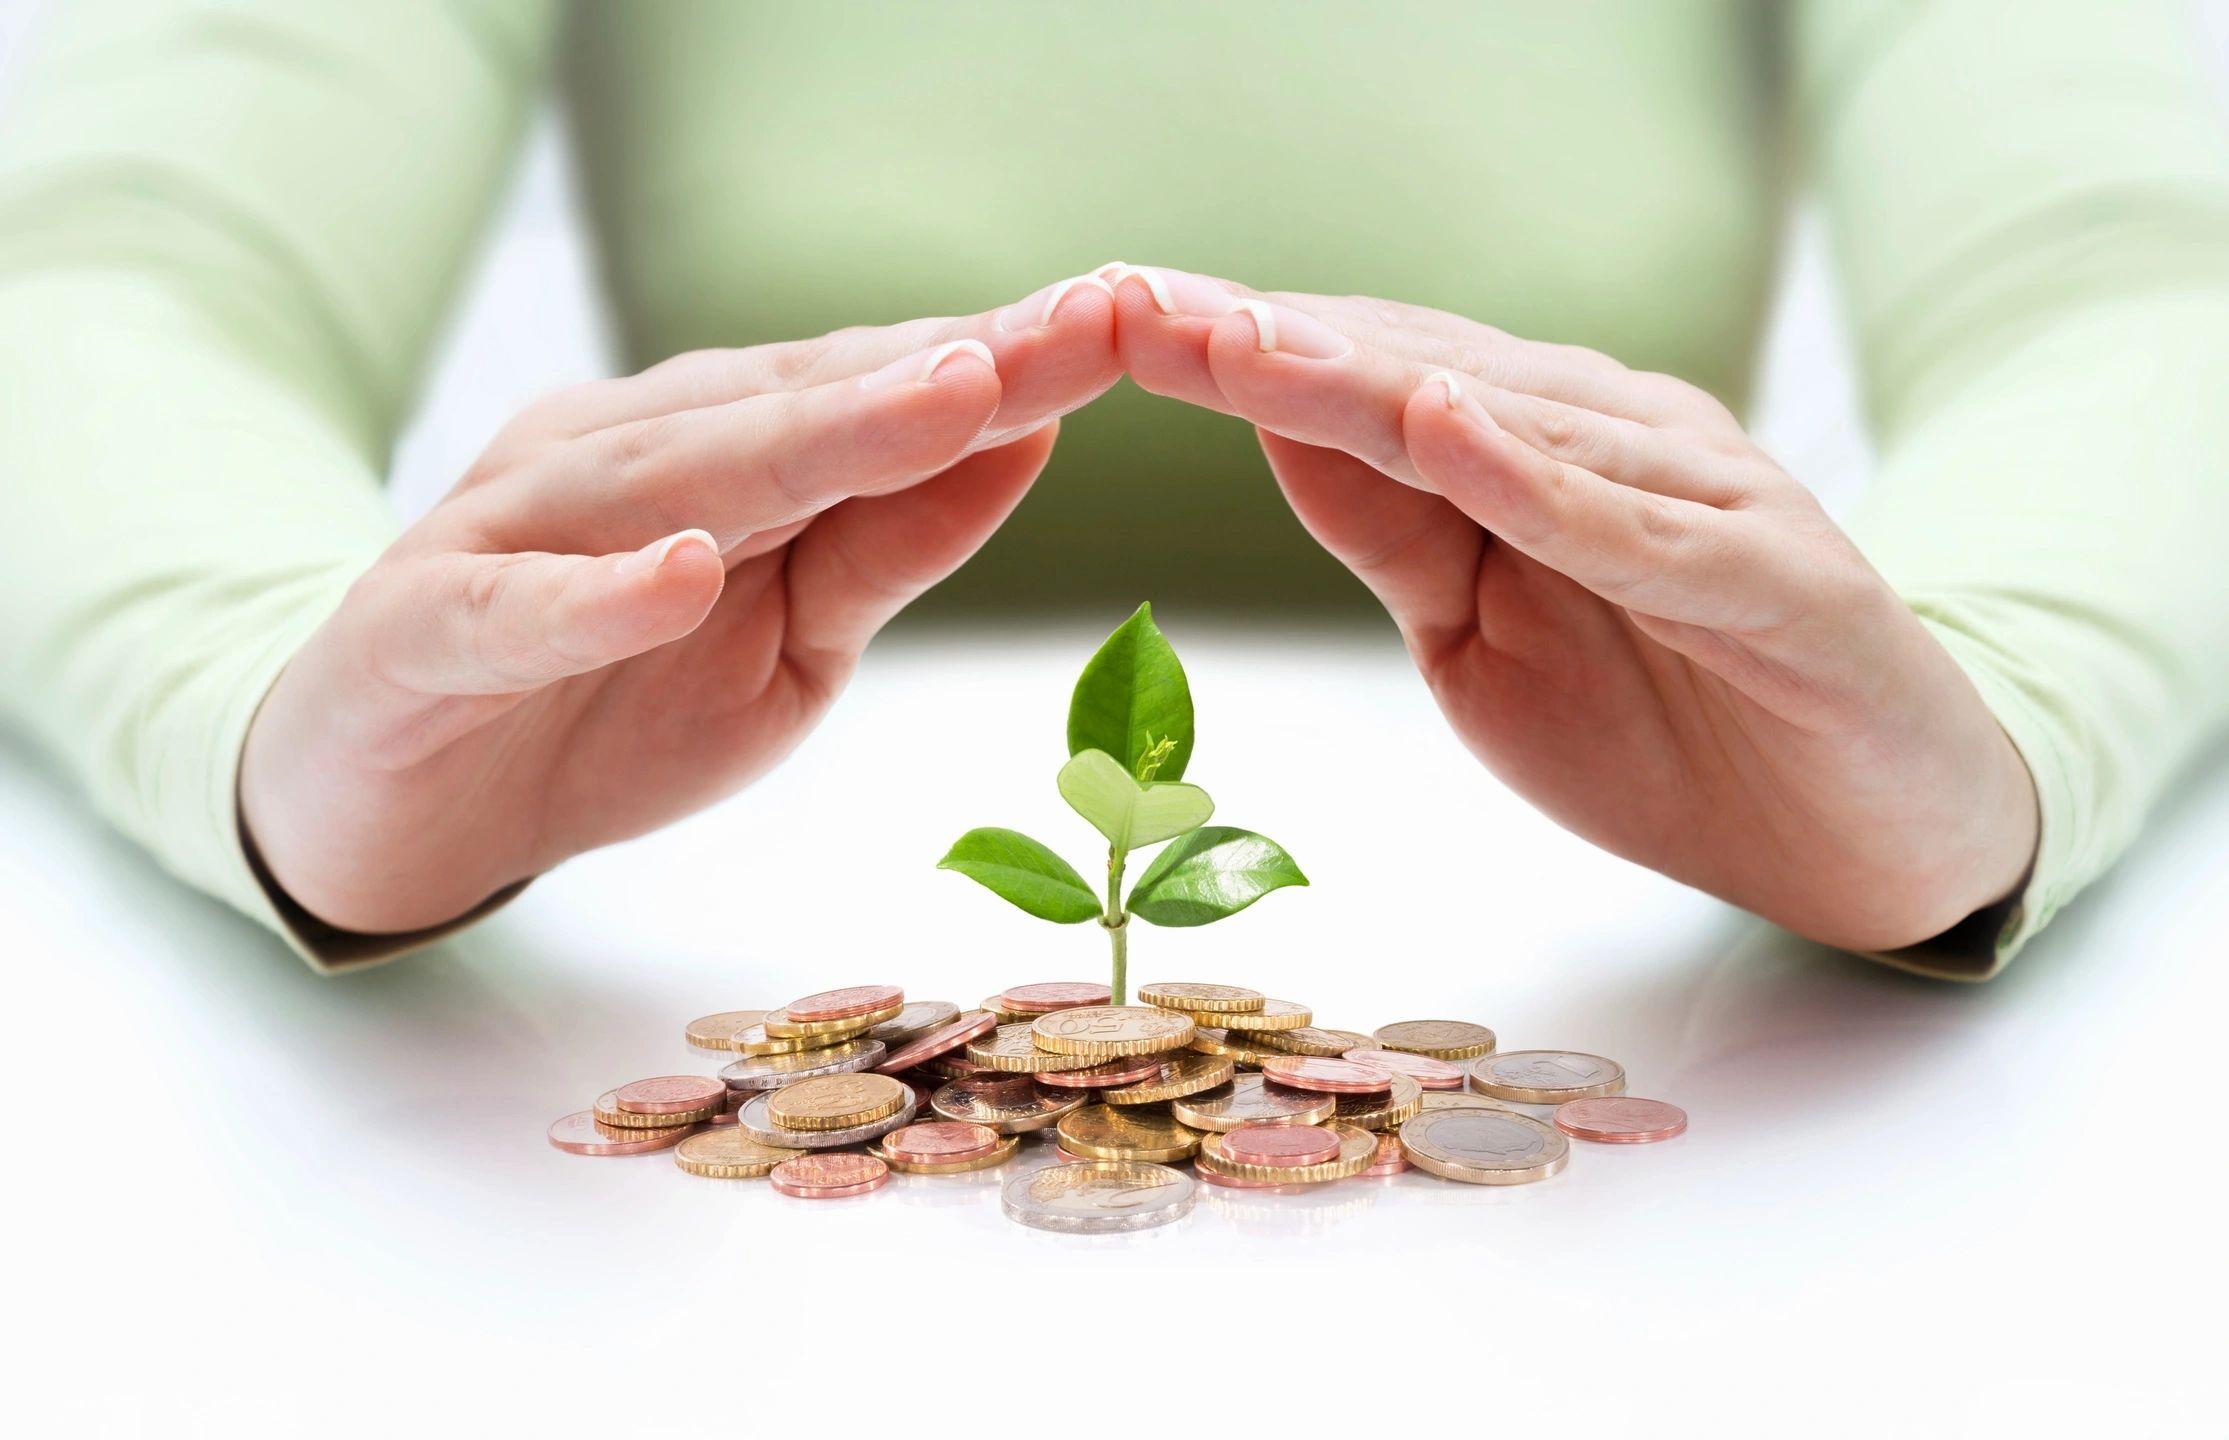 money saving tips for teachers